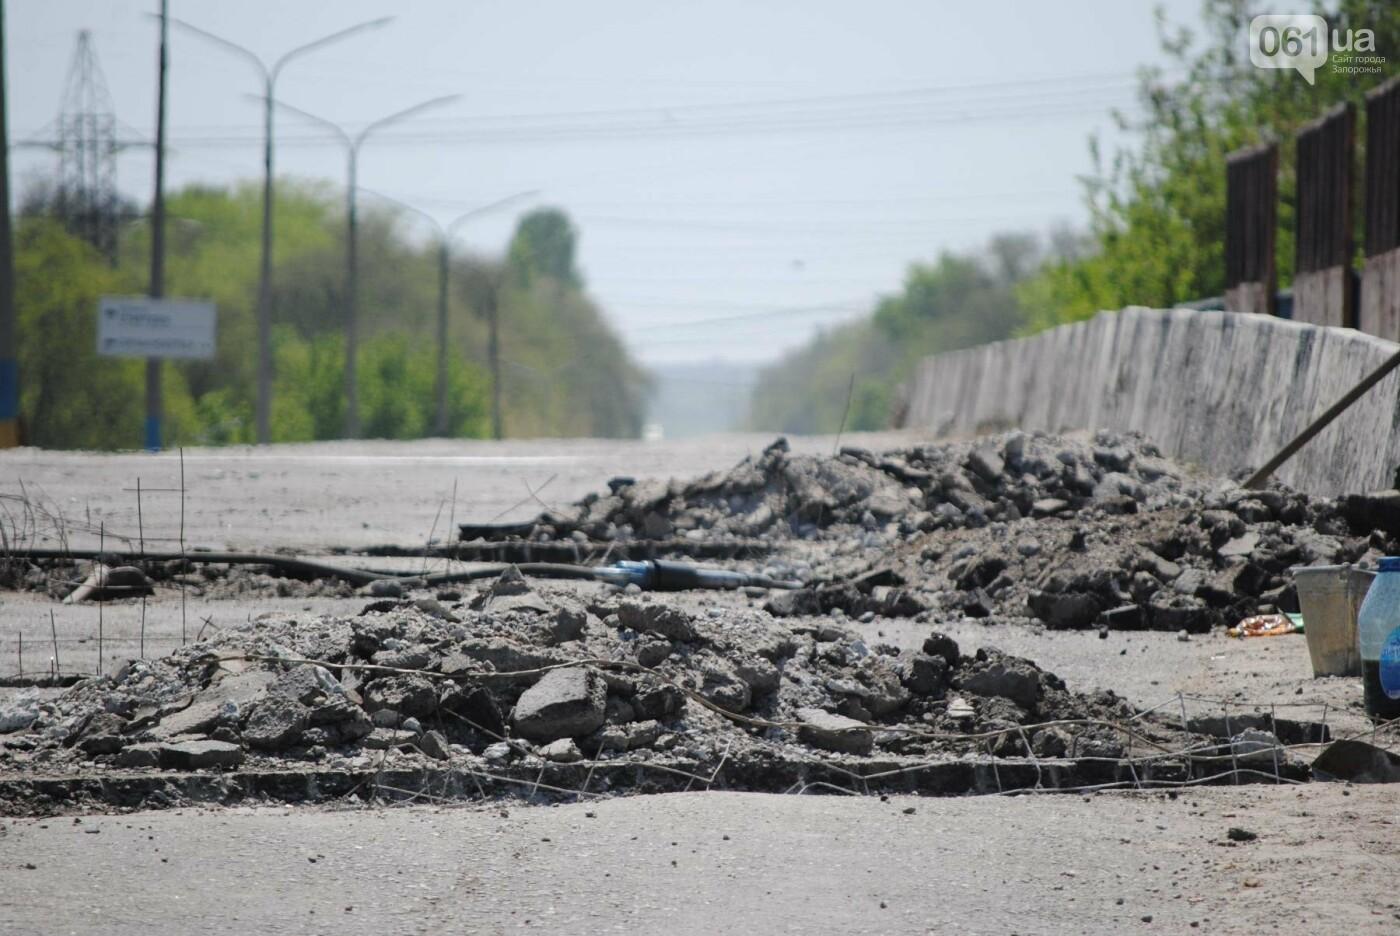 Ремонт моста на трассе в Запорожье: сначала мешали дожди, теперь — жара, - ФОТО, фото-12